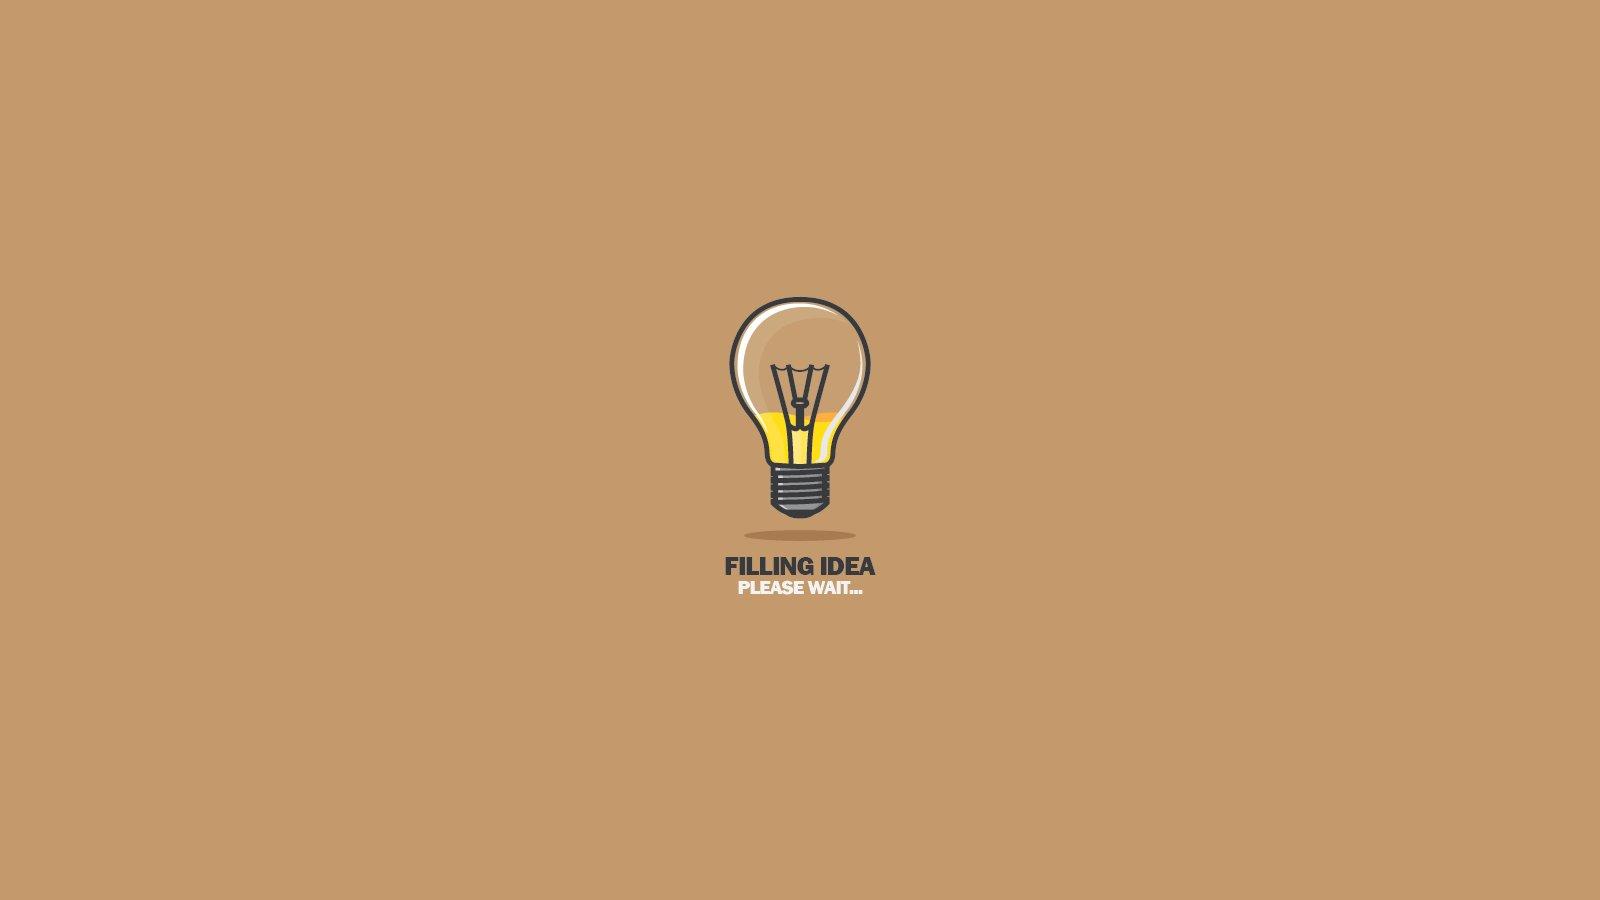 Lightbulb Idea wallpaper 1600x900 360324 WallpaperUP 1600x900